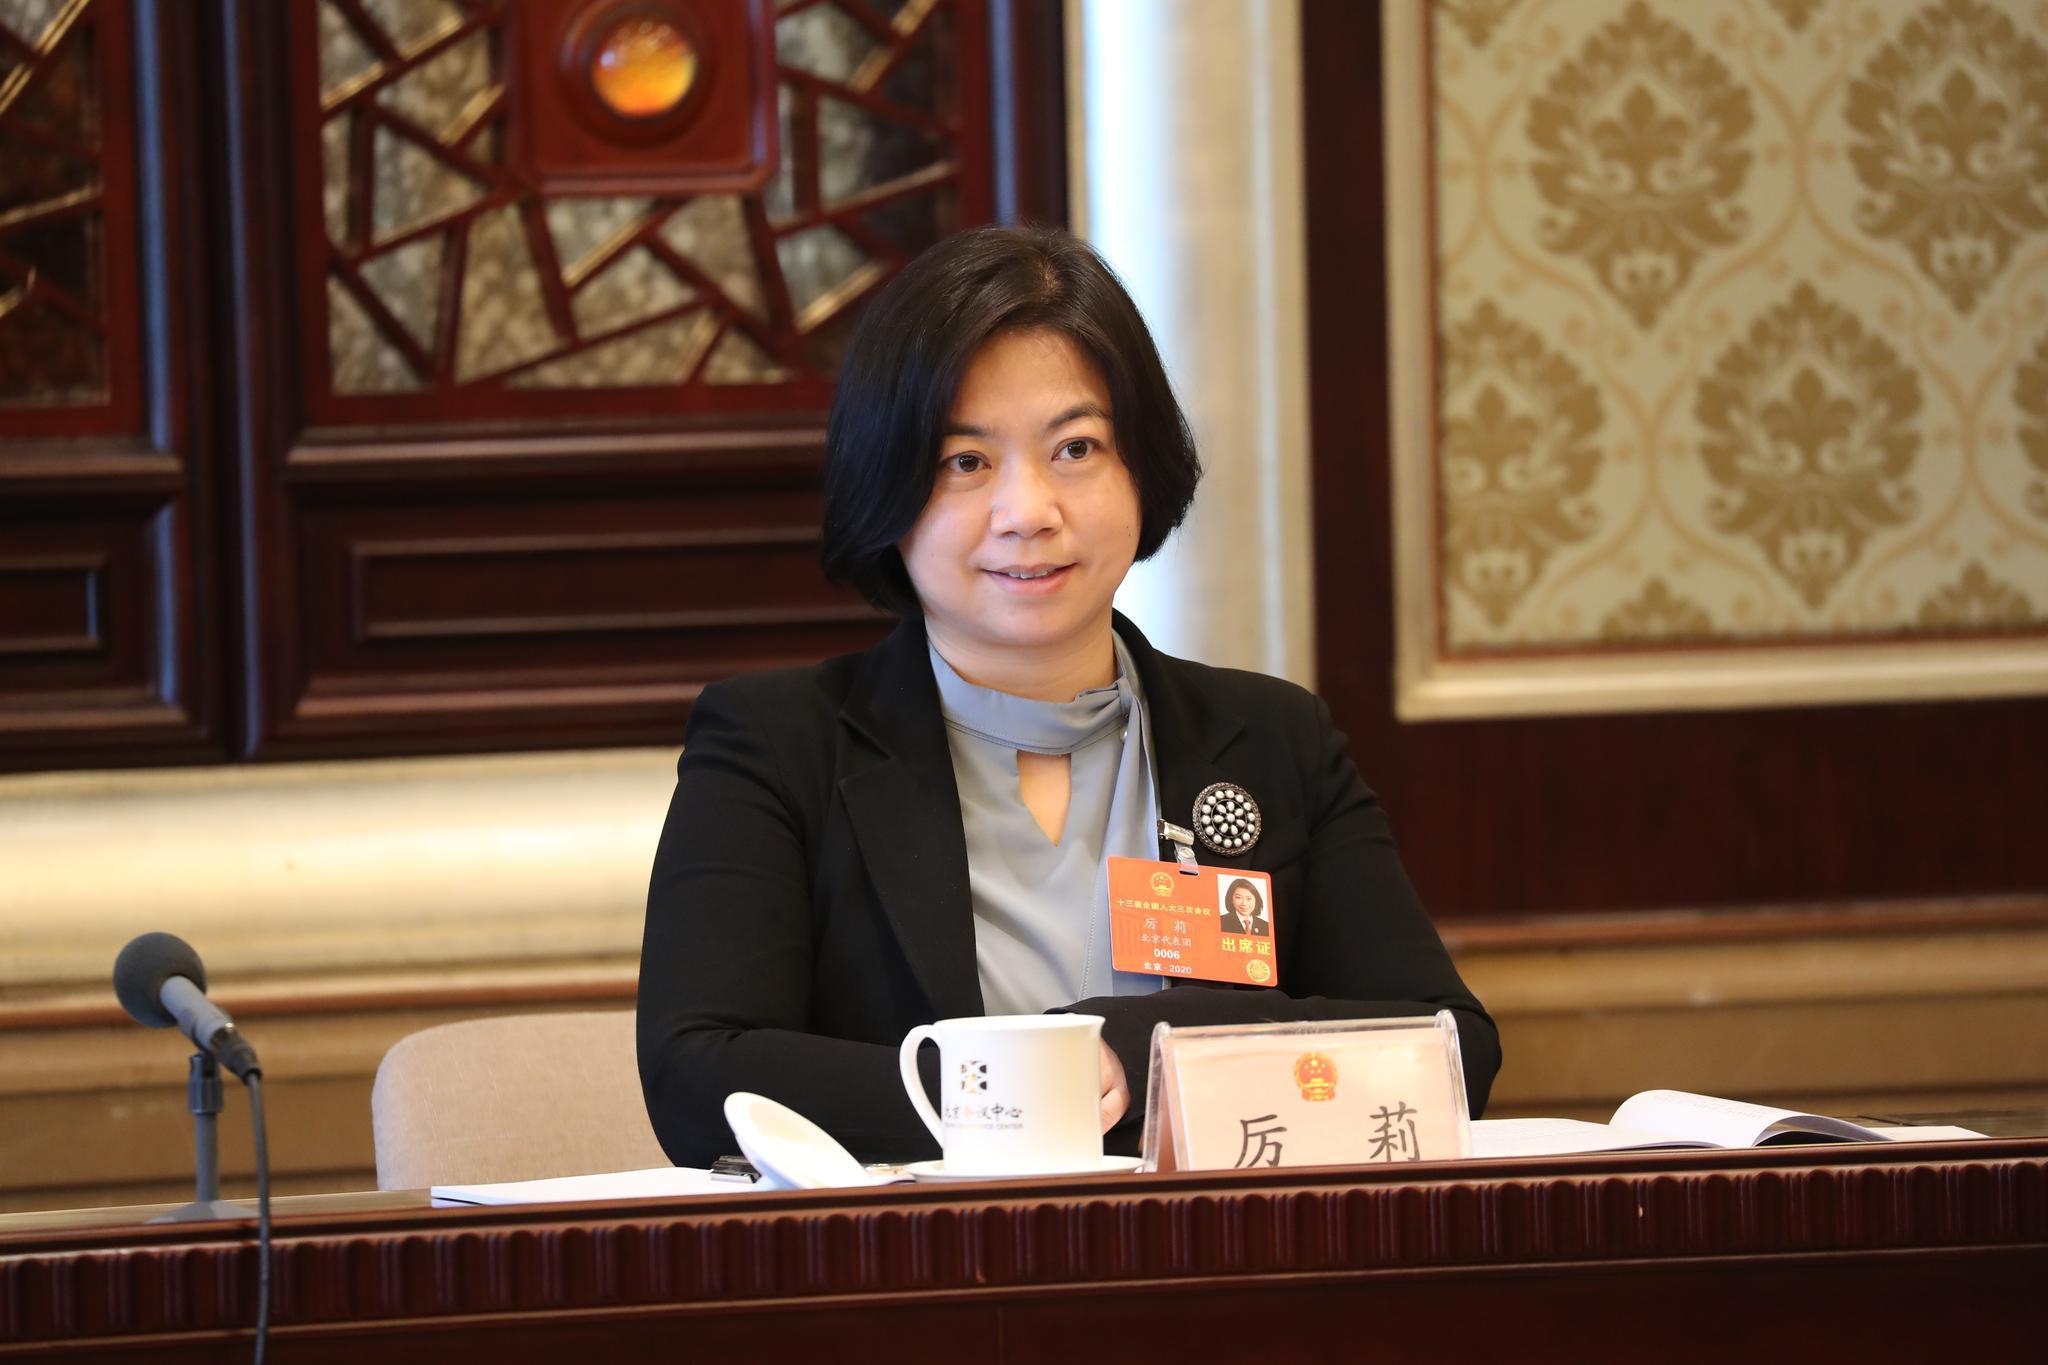 厉莉:民法典与人民日常生活息息相关